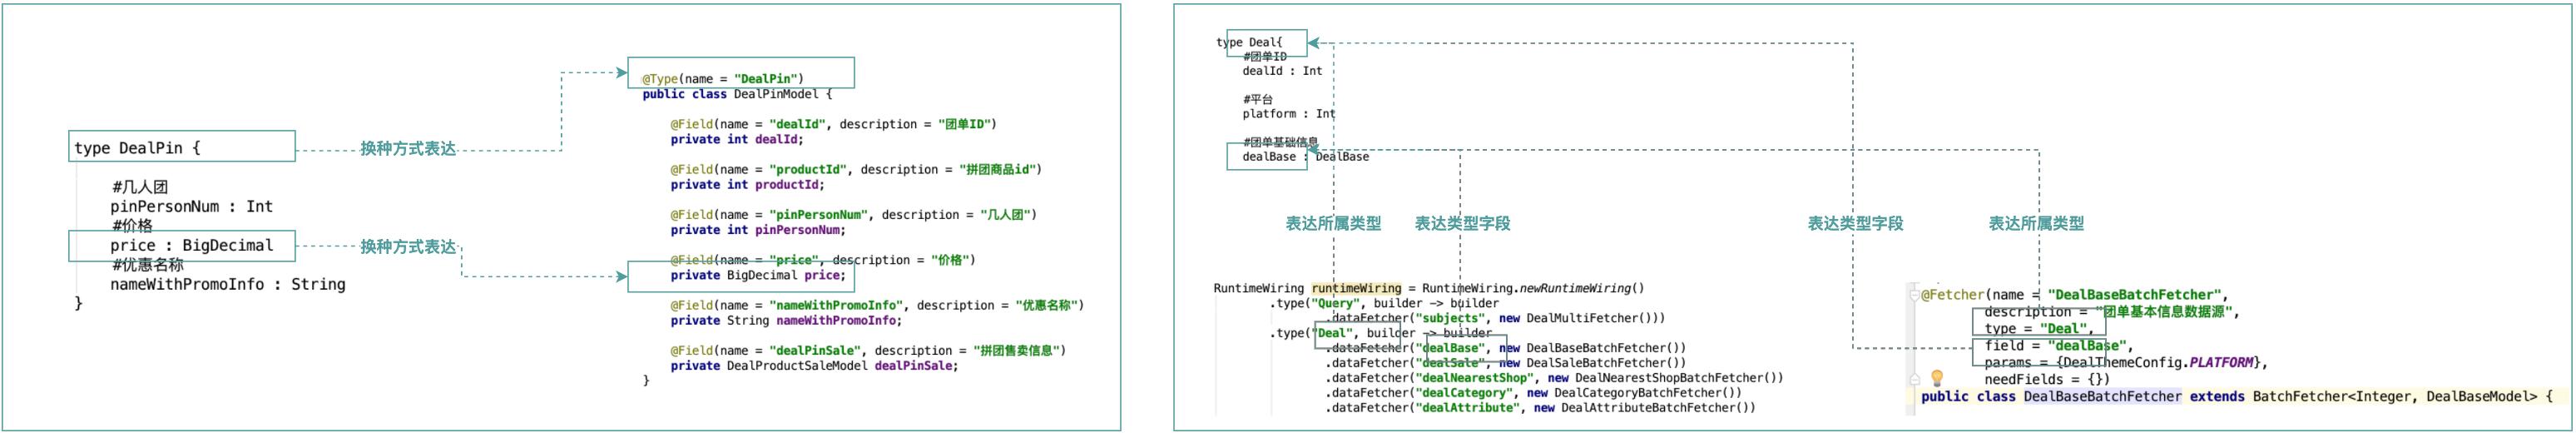 图12 注解元数据描述Schema和RuntimeWiring